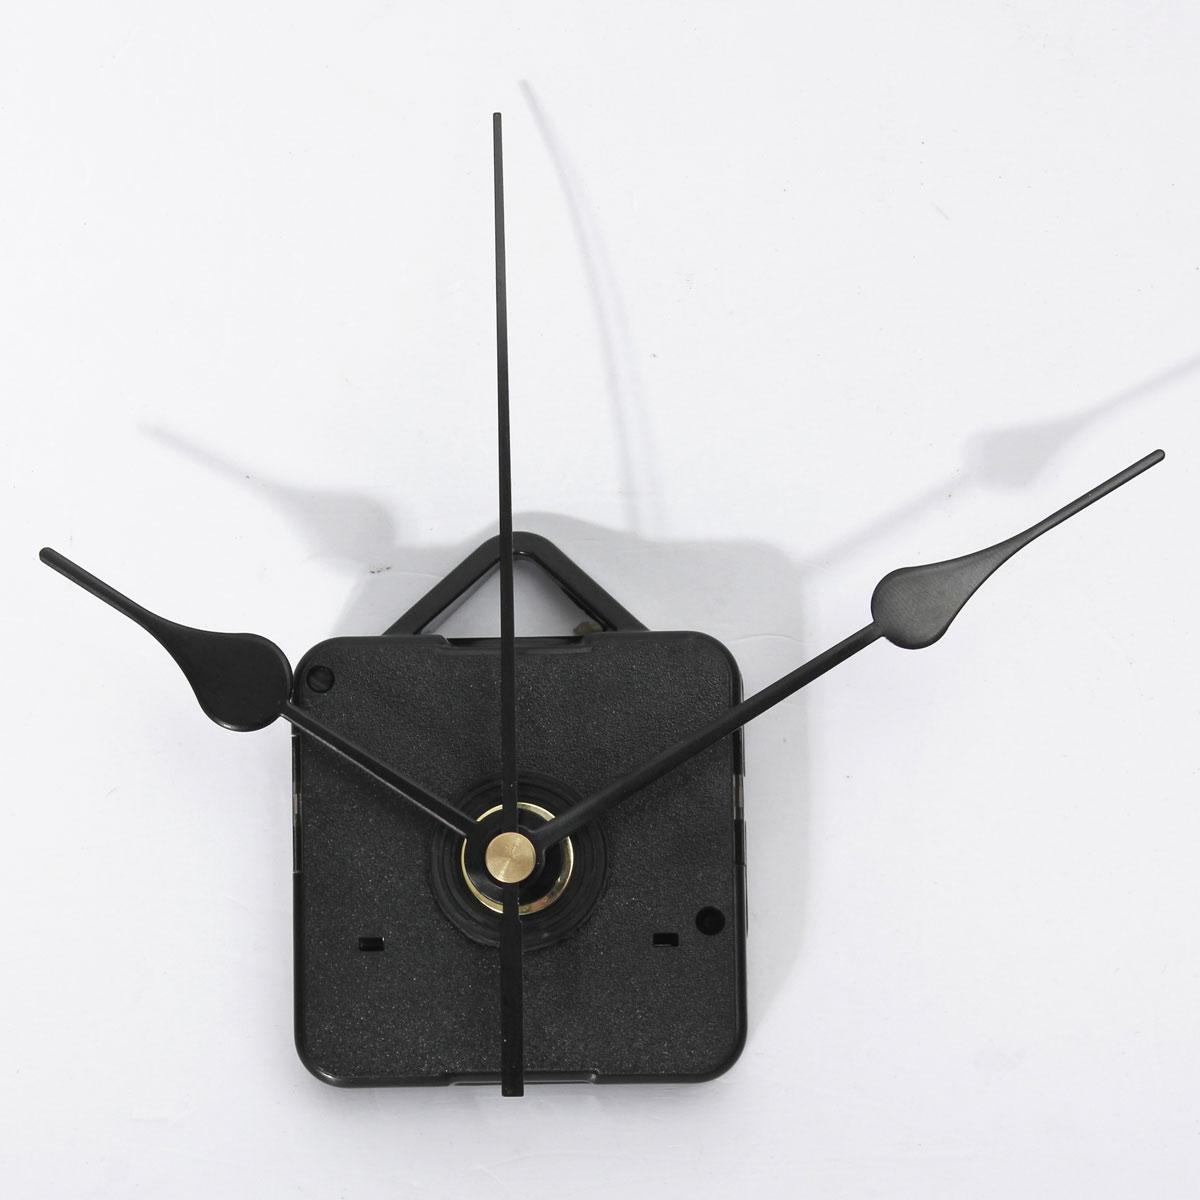 nouveau noir mains quartz horloge murale mouvement bricolage m canisme kit de r paration partie. Black Bedroom Furniture Sets. Home Design Ideas